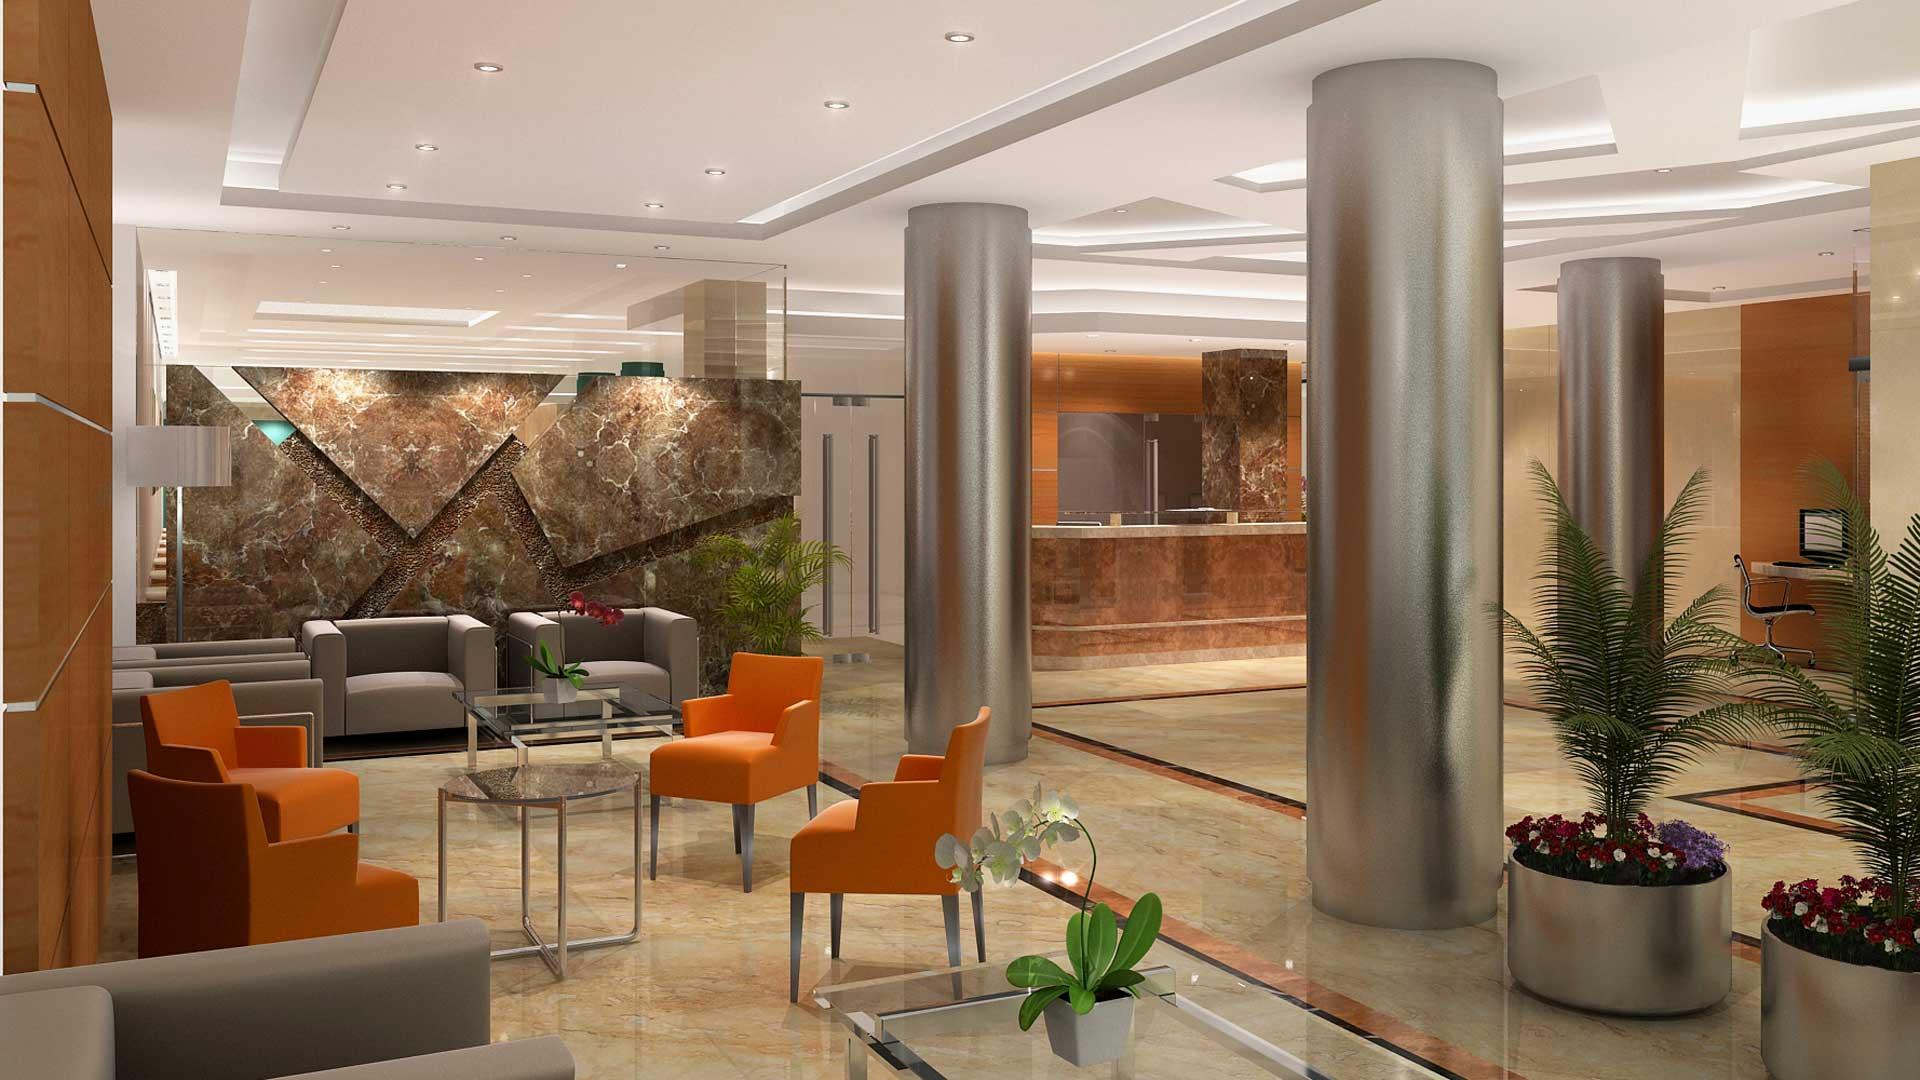 Renders 3D Arquitectura  Renders 401-HOTEL-26-8-camara-1-B